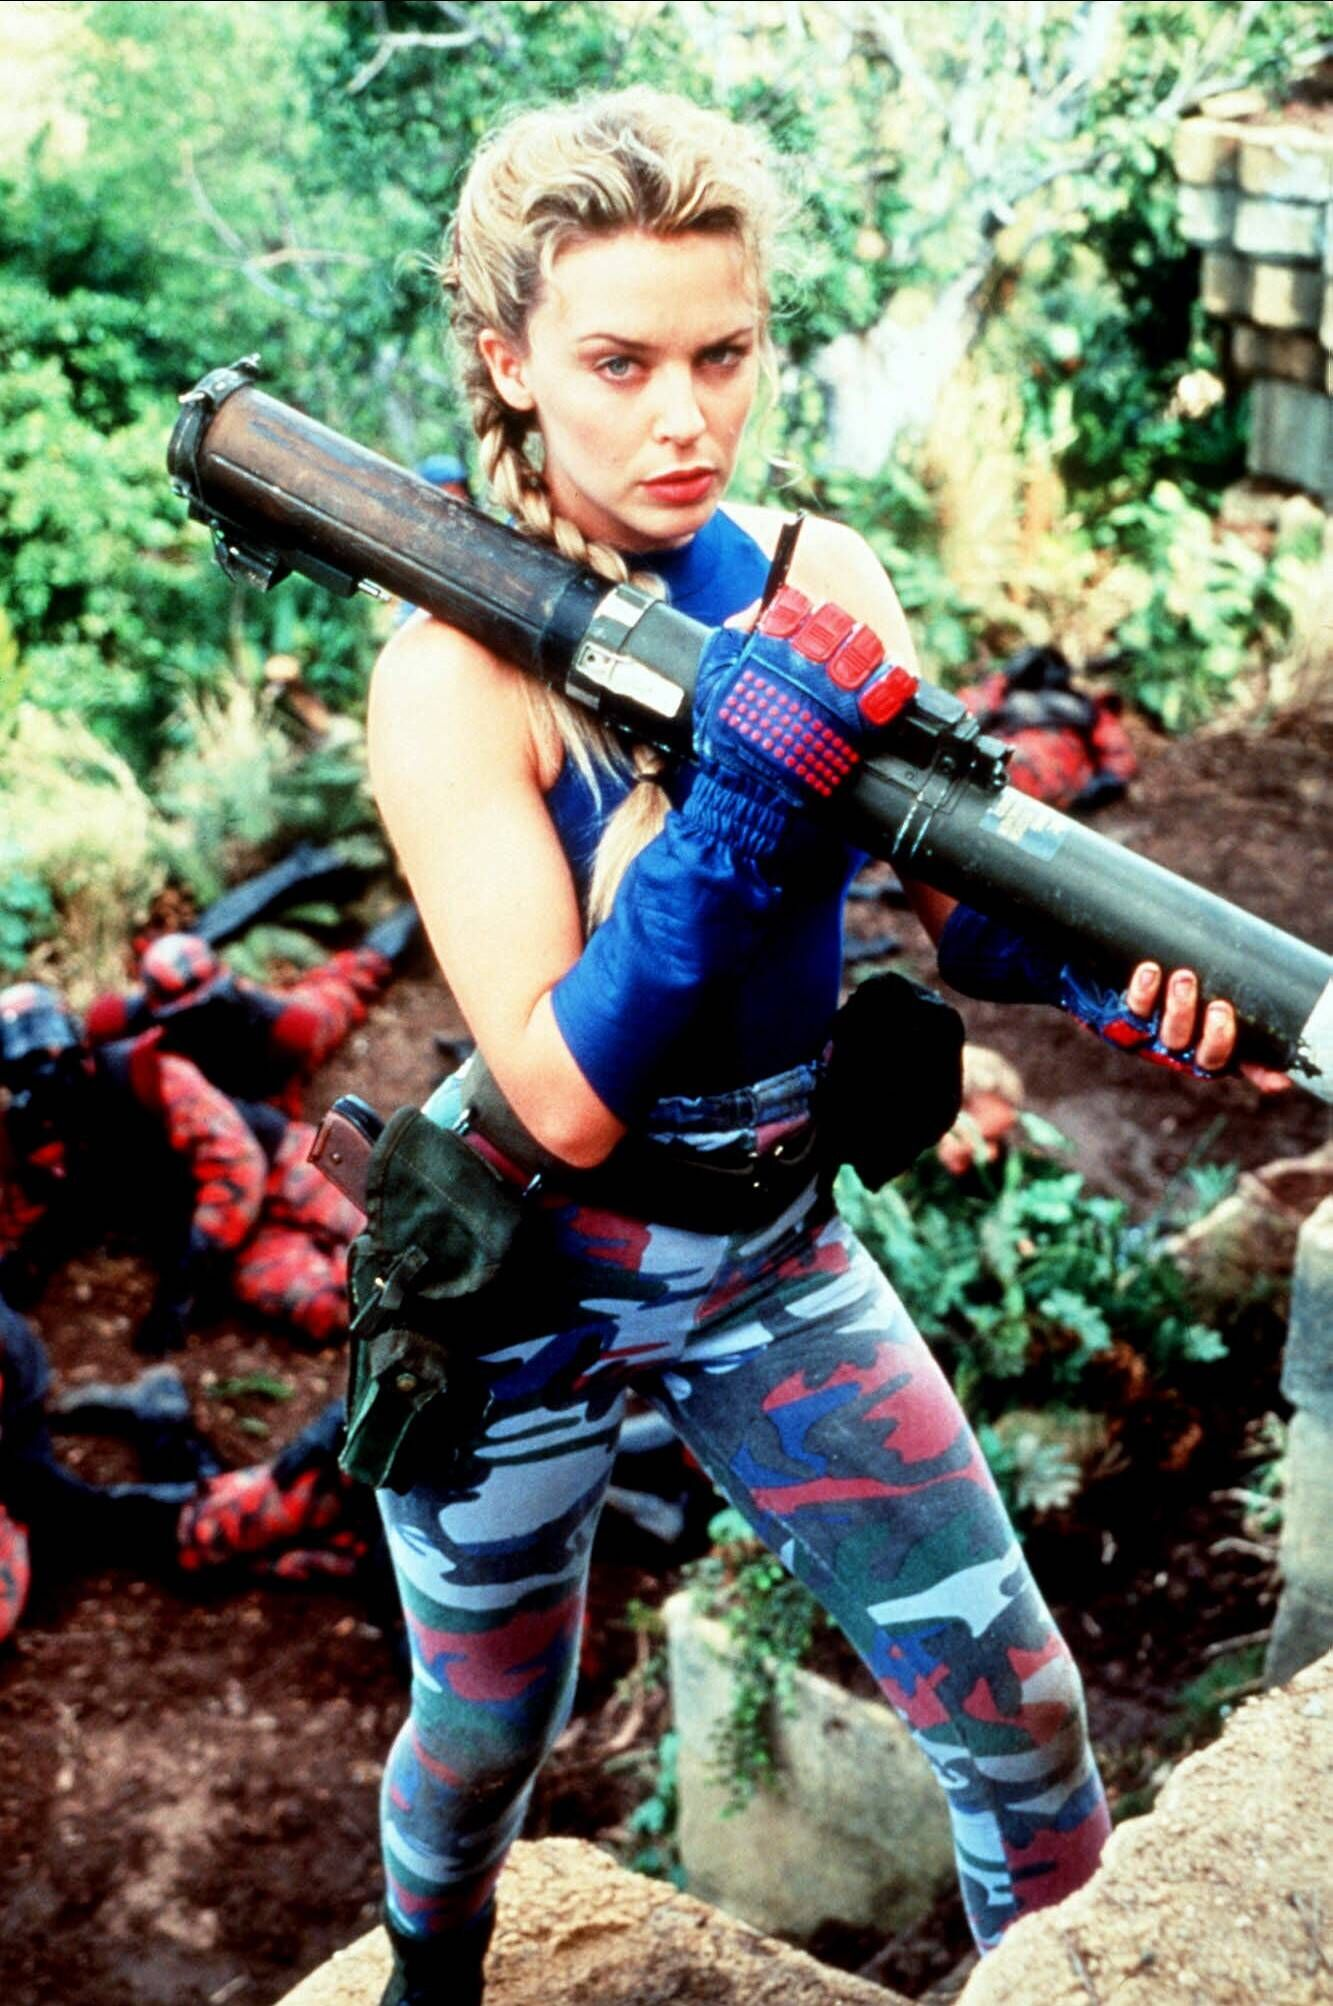 Kylie Minogue Characters: Lieutenant Cammy Film: Street Fighter (1993) Director: Steven E. De Souza 23 December 1994 STR